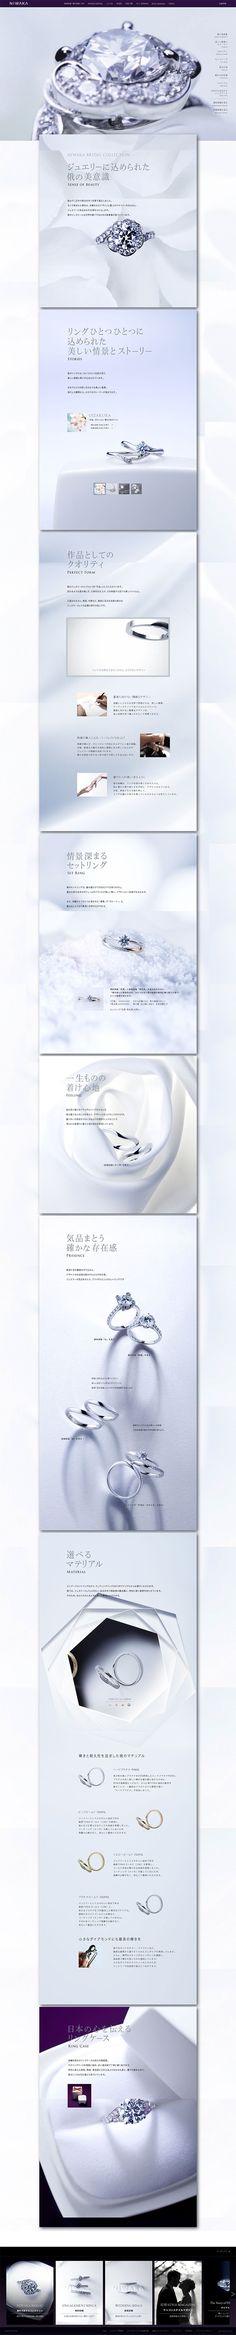 ランディングページ LP NIWAKA BRIDAL バッグ・財布・小物 自社サイト